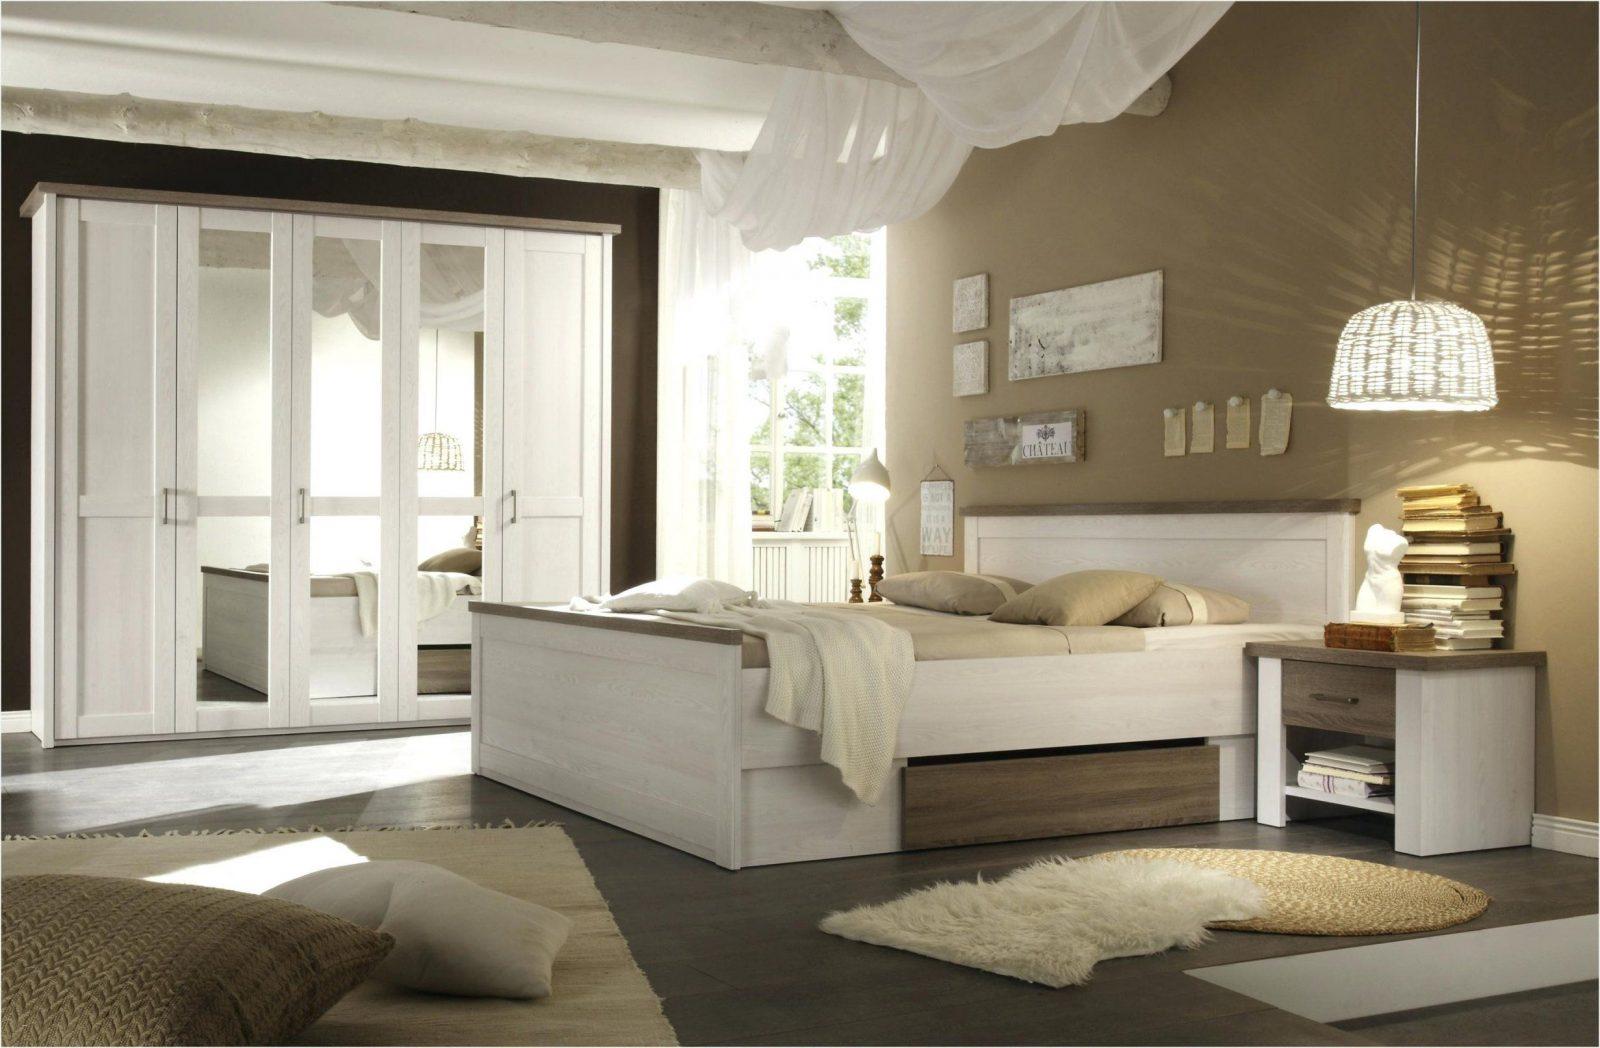 Wohnideen Kleines Zimmer Einrichten Ideen Auch Schön 4 Qm Küche Von 10 Qm  Zimmer Einrichten Photo